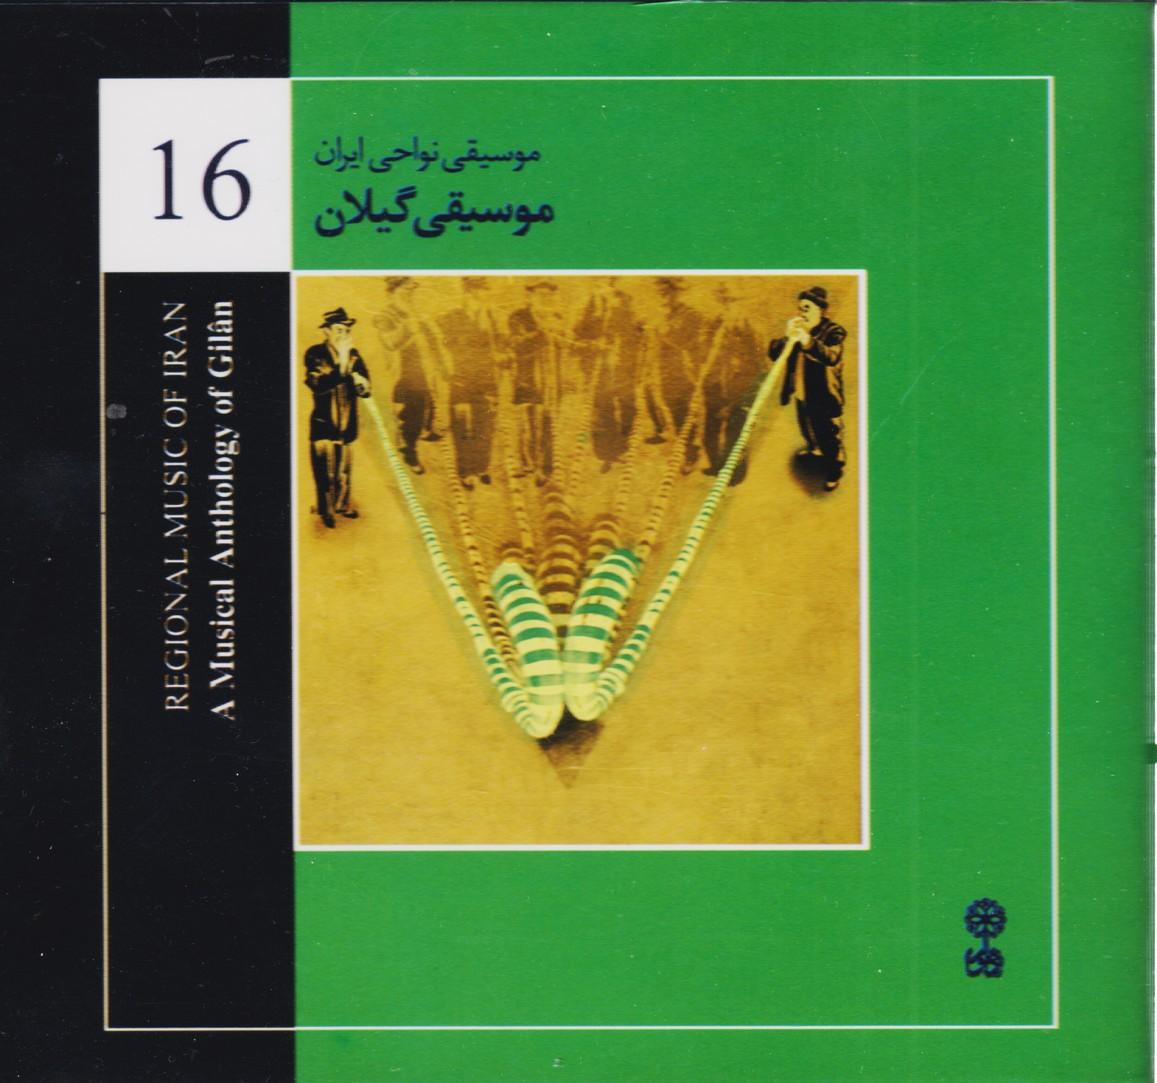 موسیقی نواحی ایران /موسیقی گیلان (16)